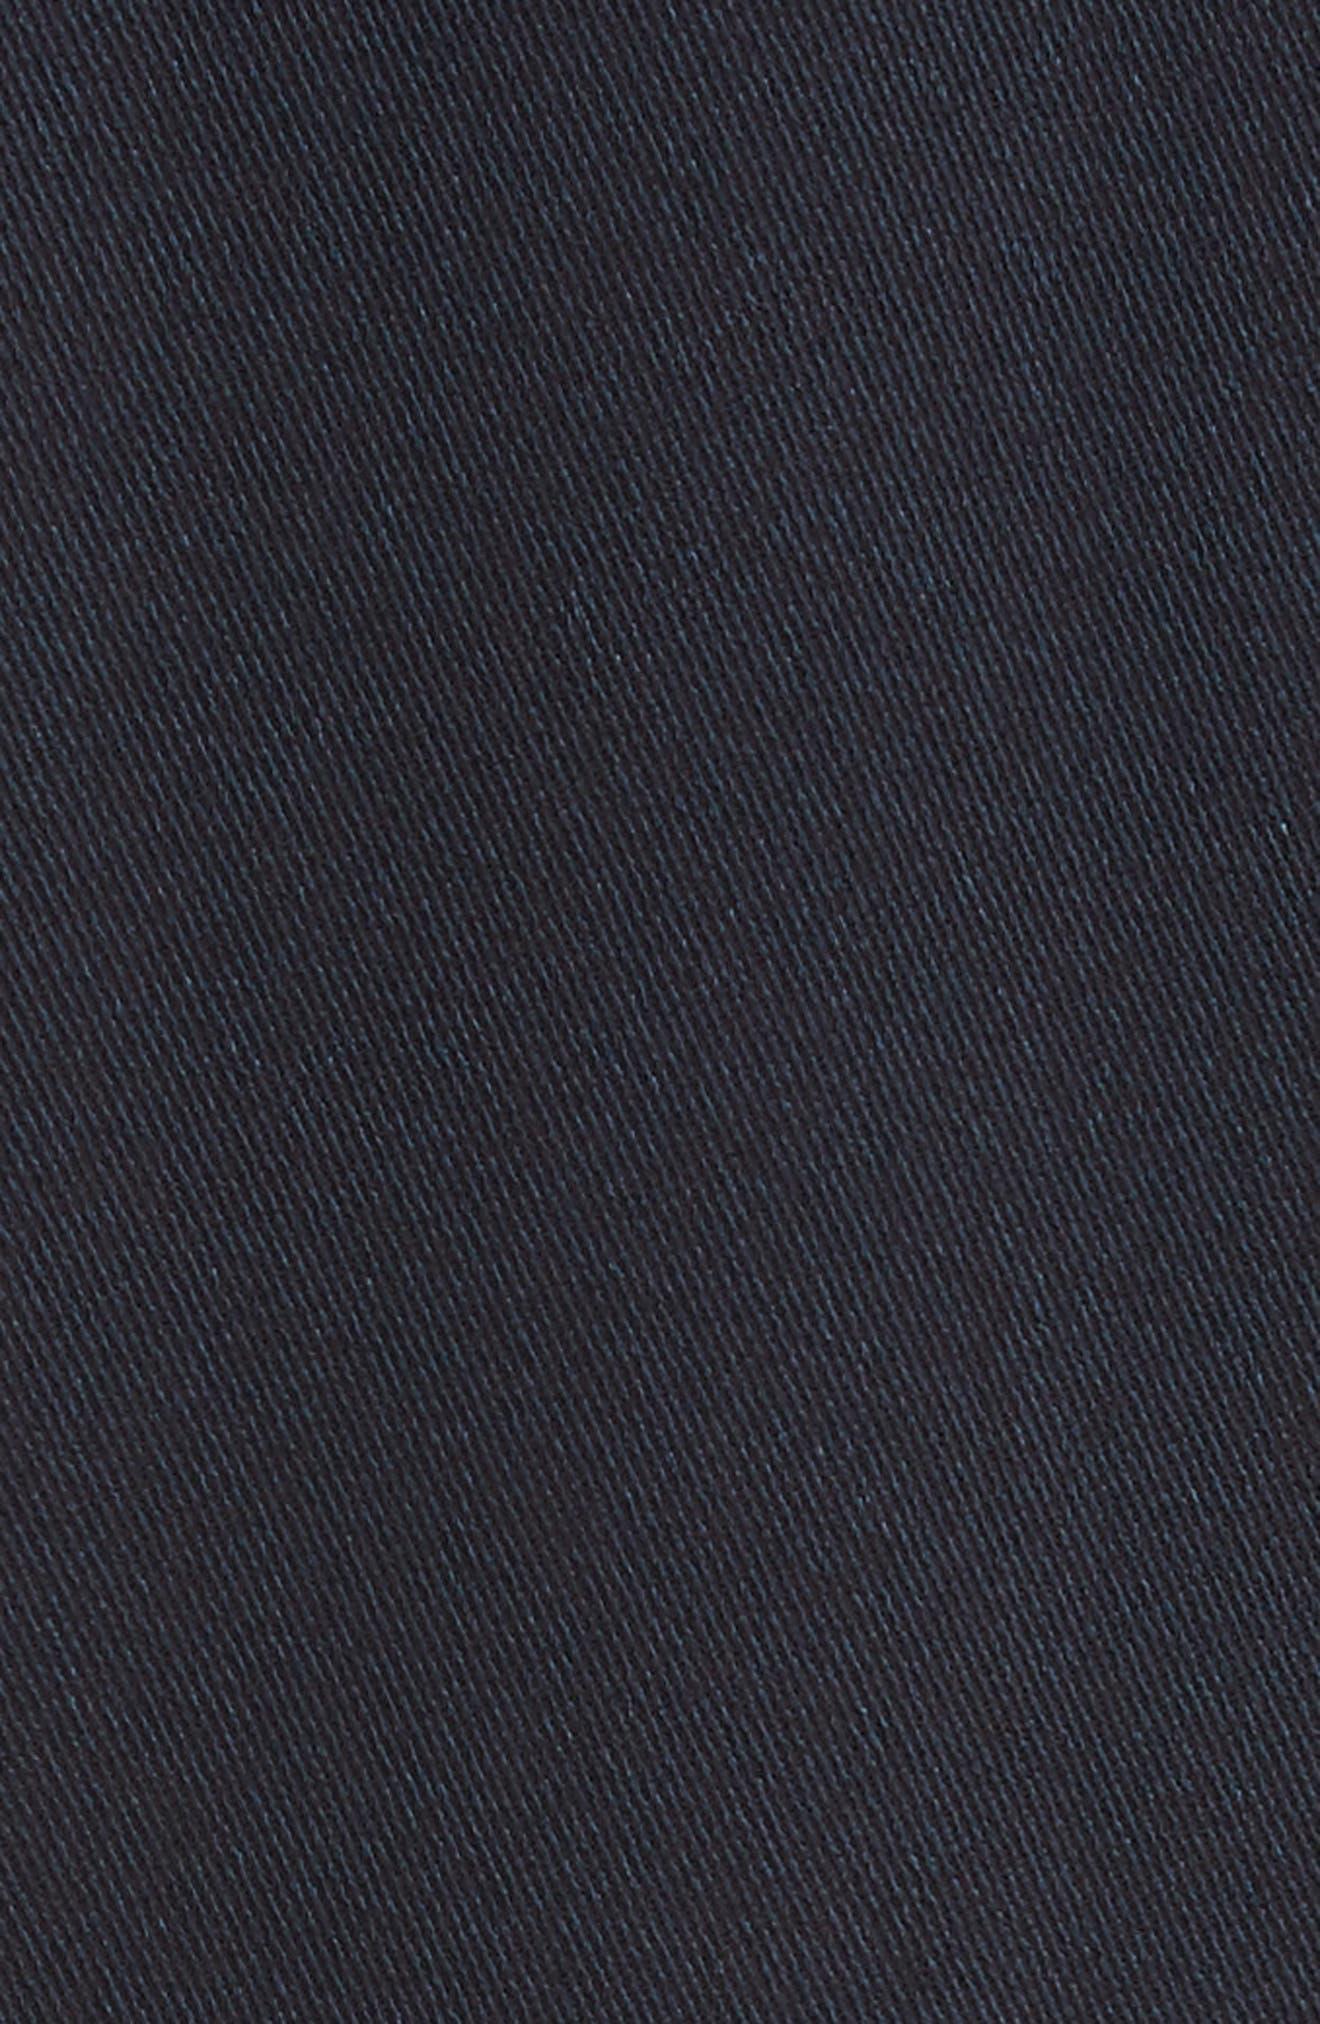 Eco Drape Midi Dress,                             Alternate thumbnail 5, color,                             007